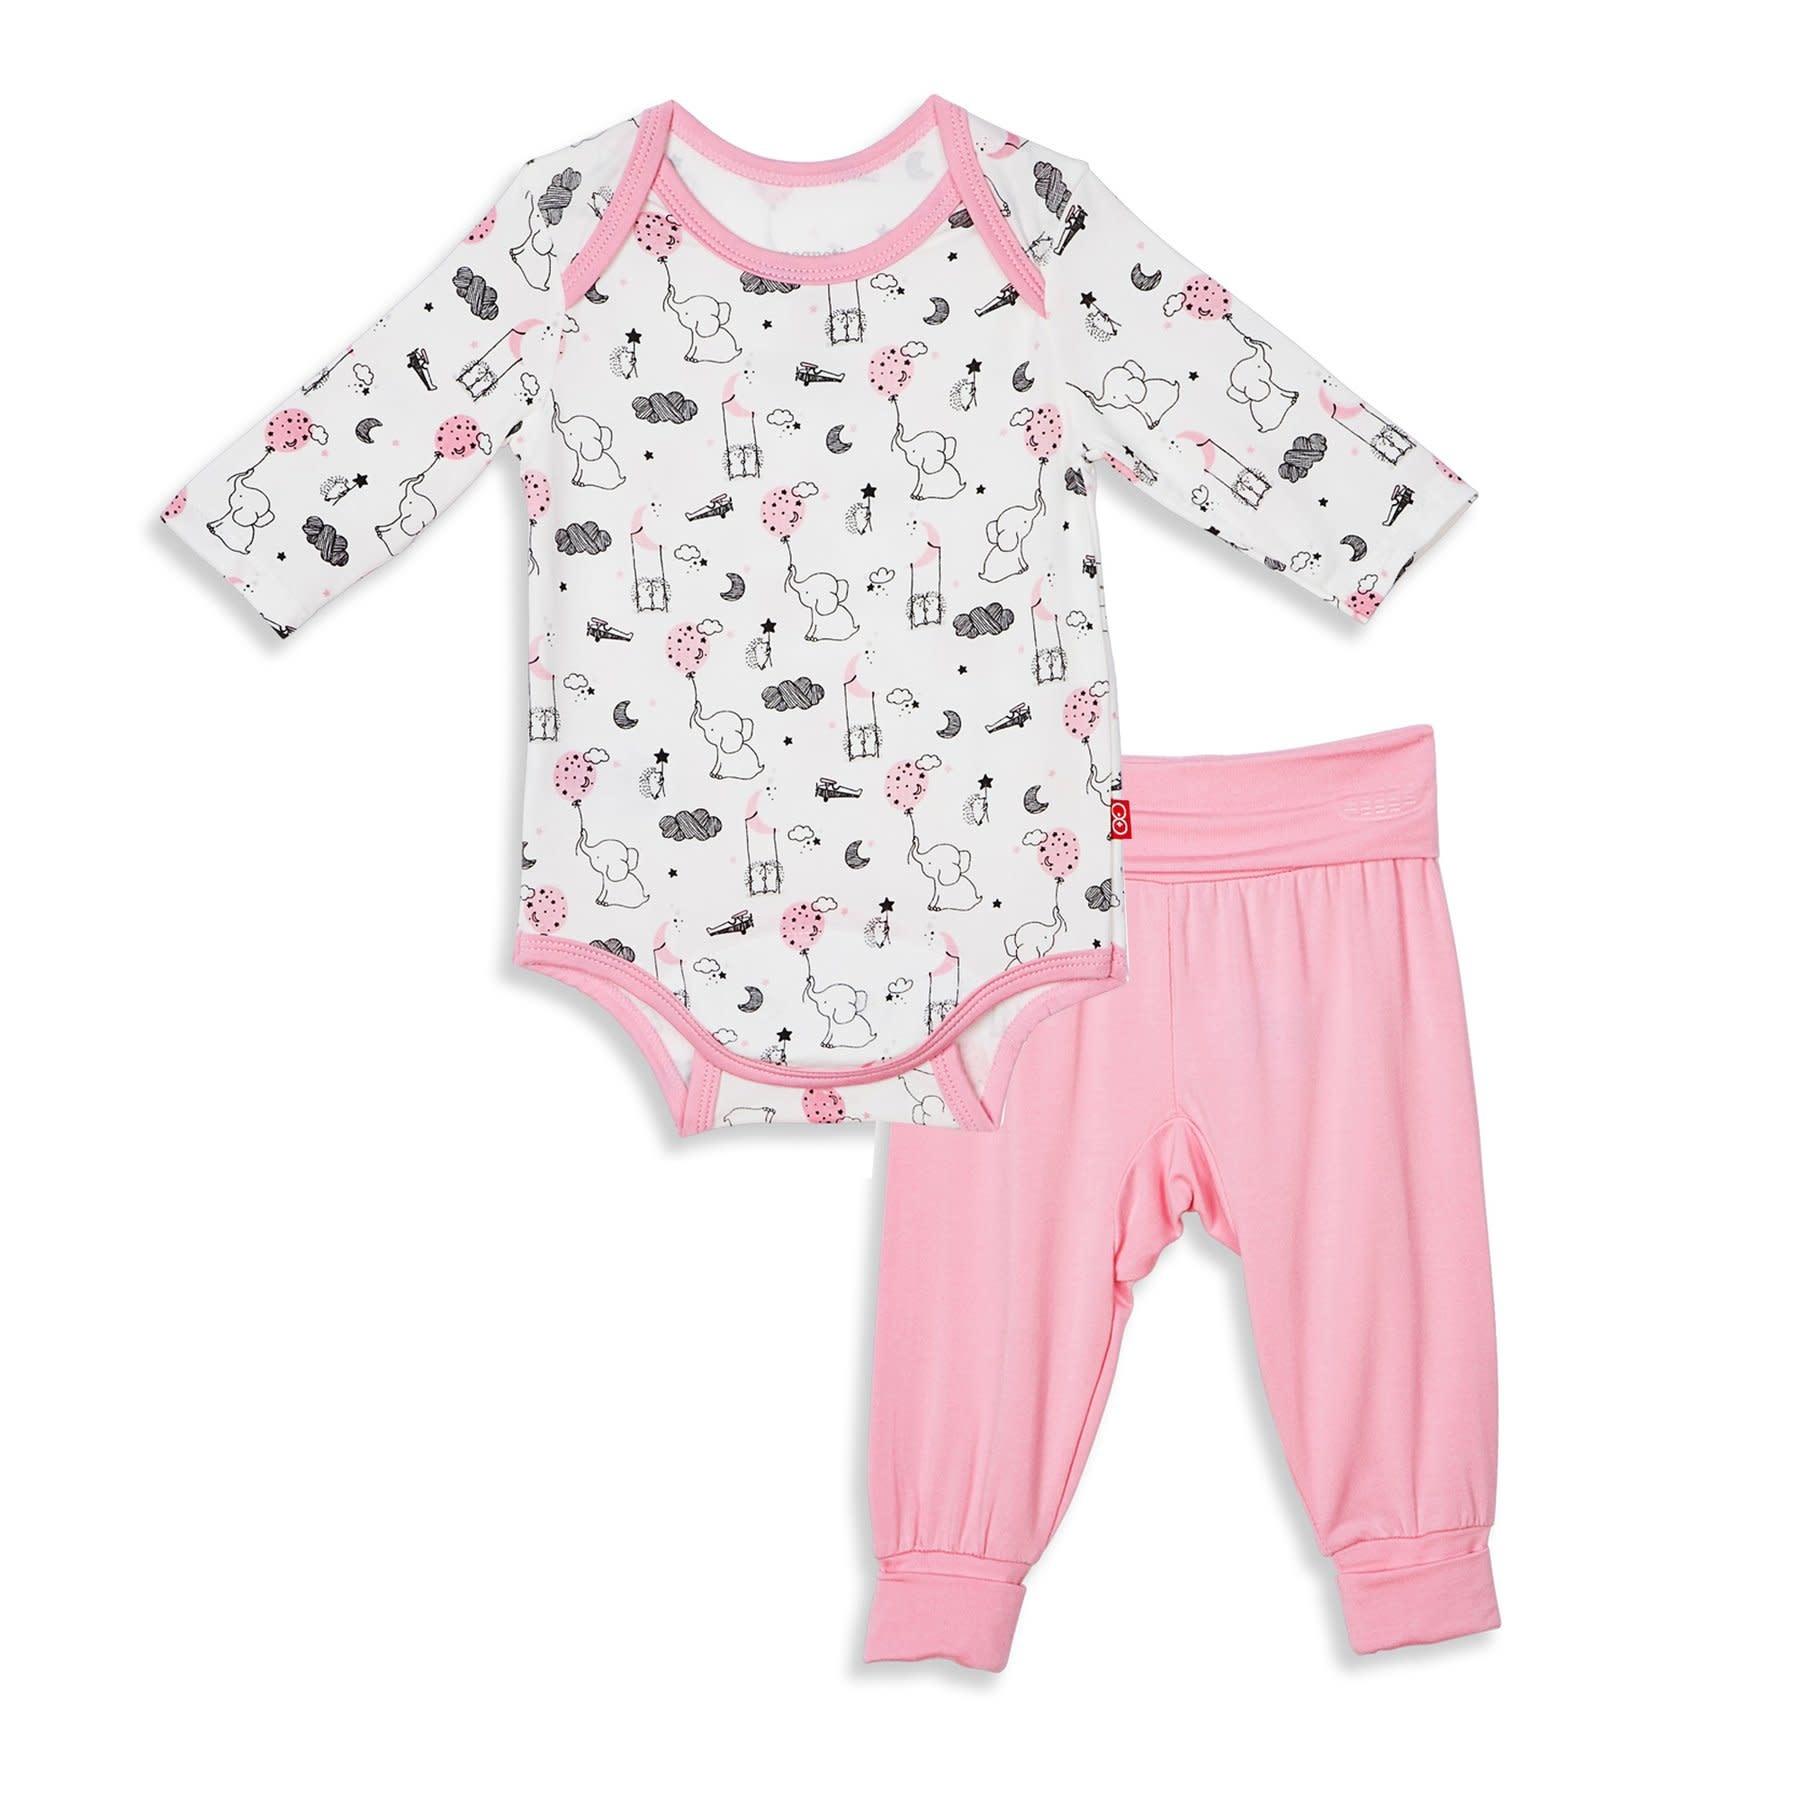 Magnificent Baby Bodysuit Set